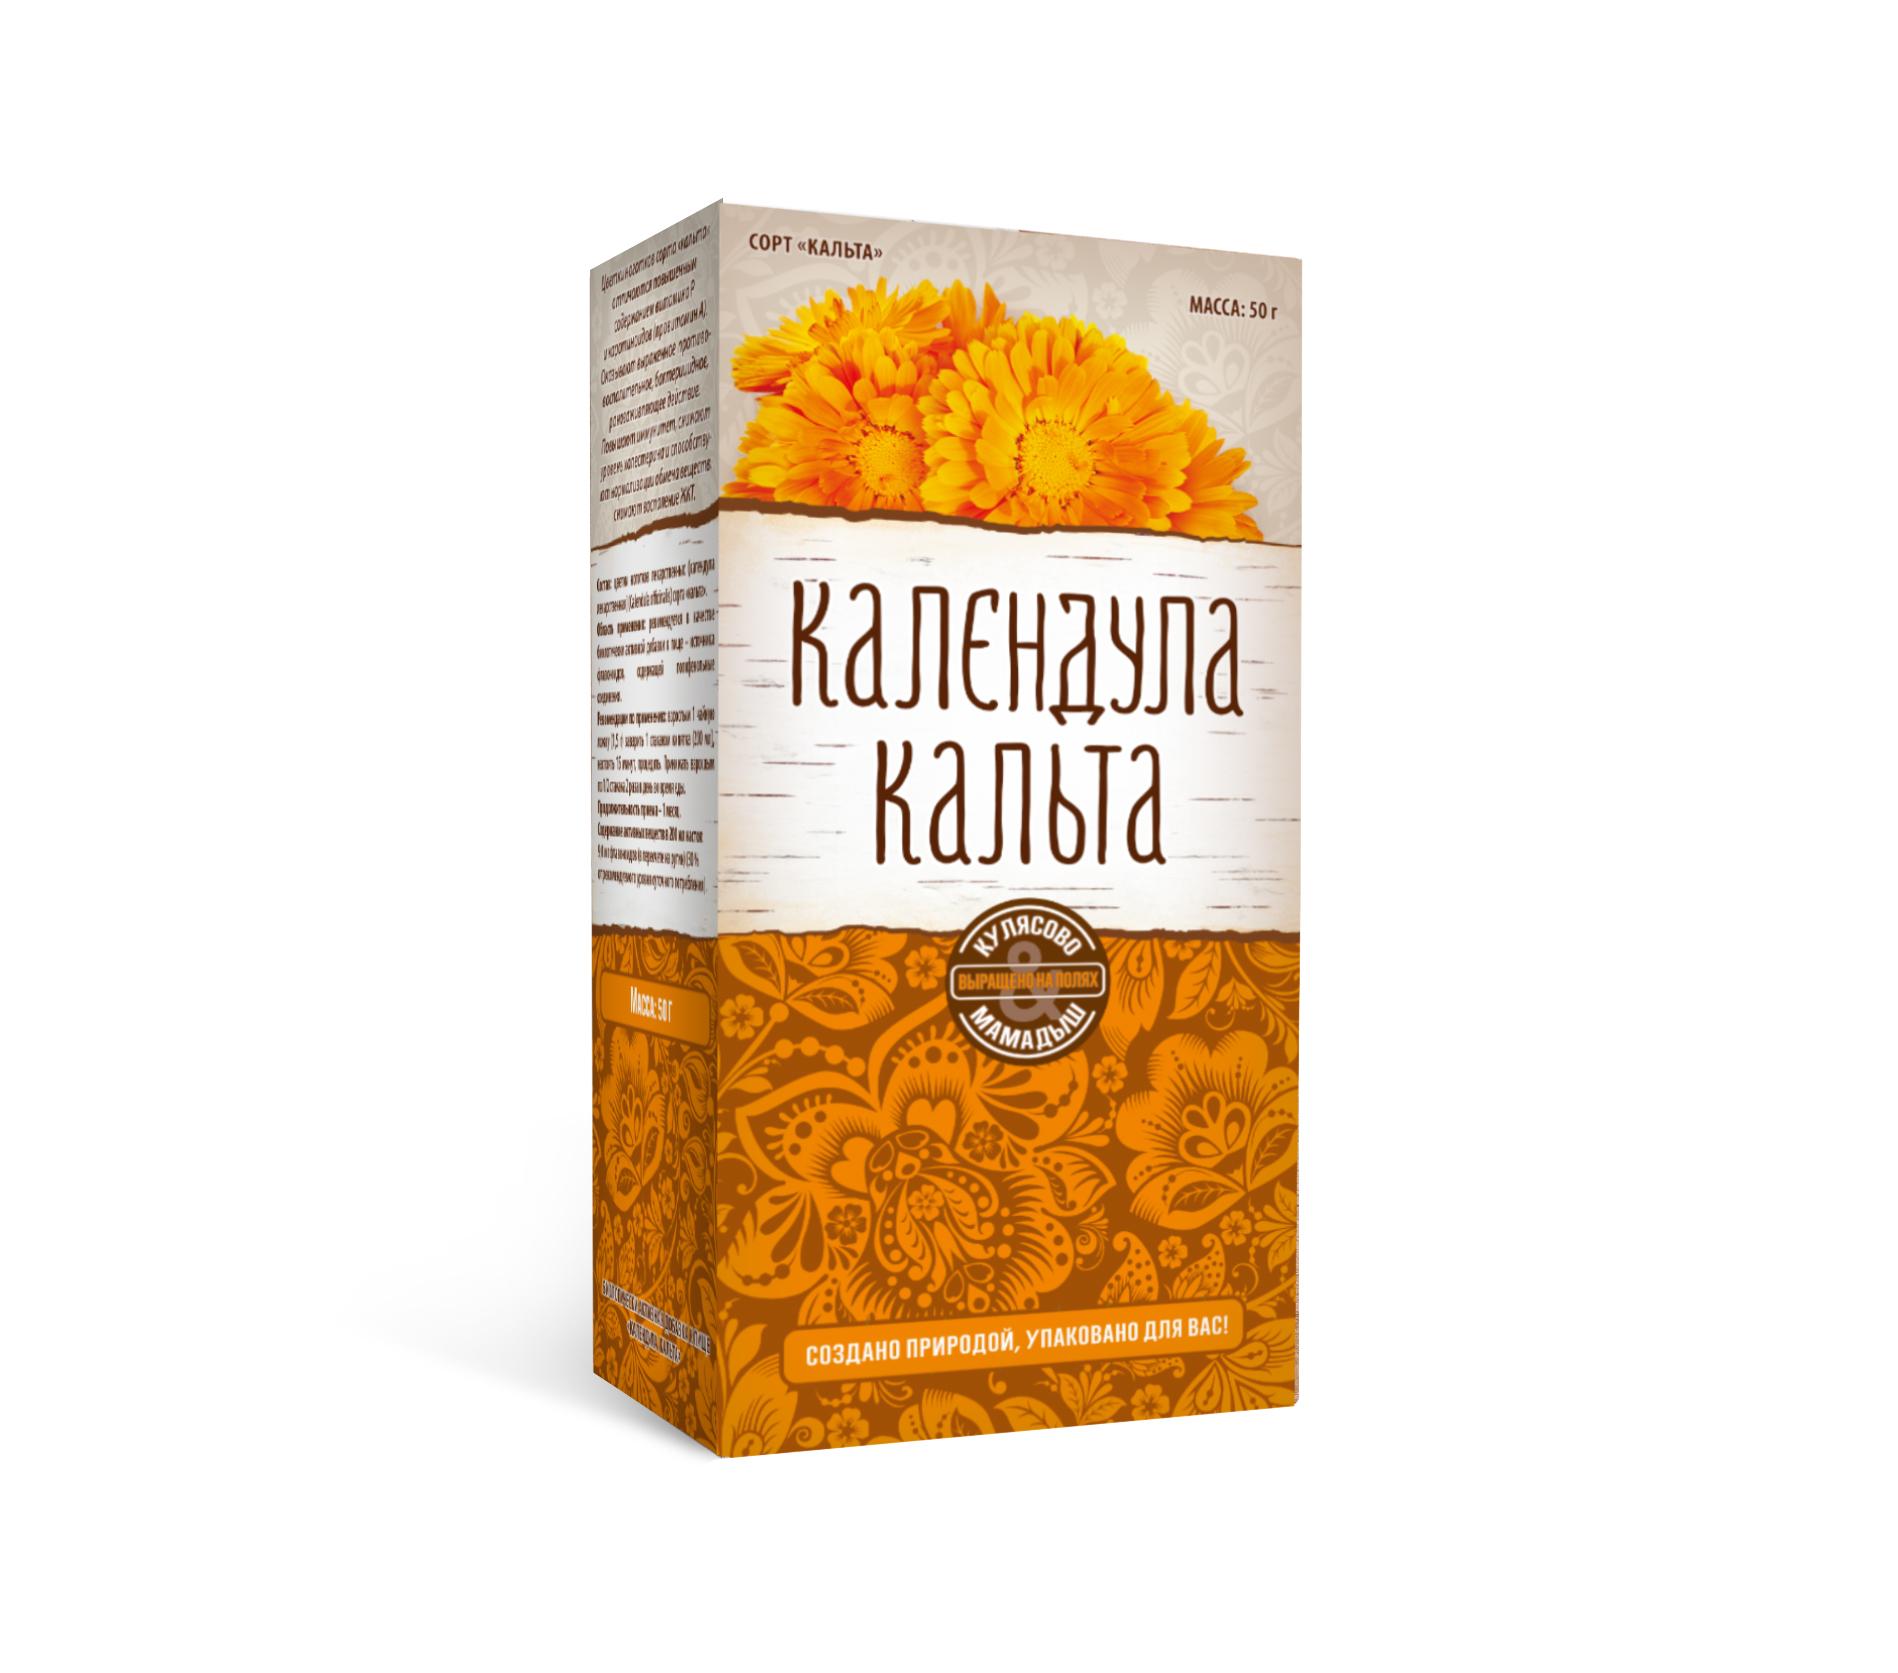 Календула Кальта (россыпь): описание, инструкция по применению